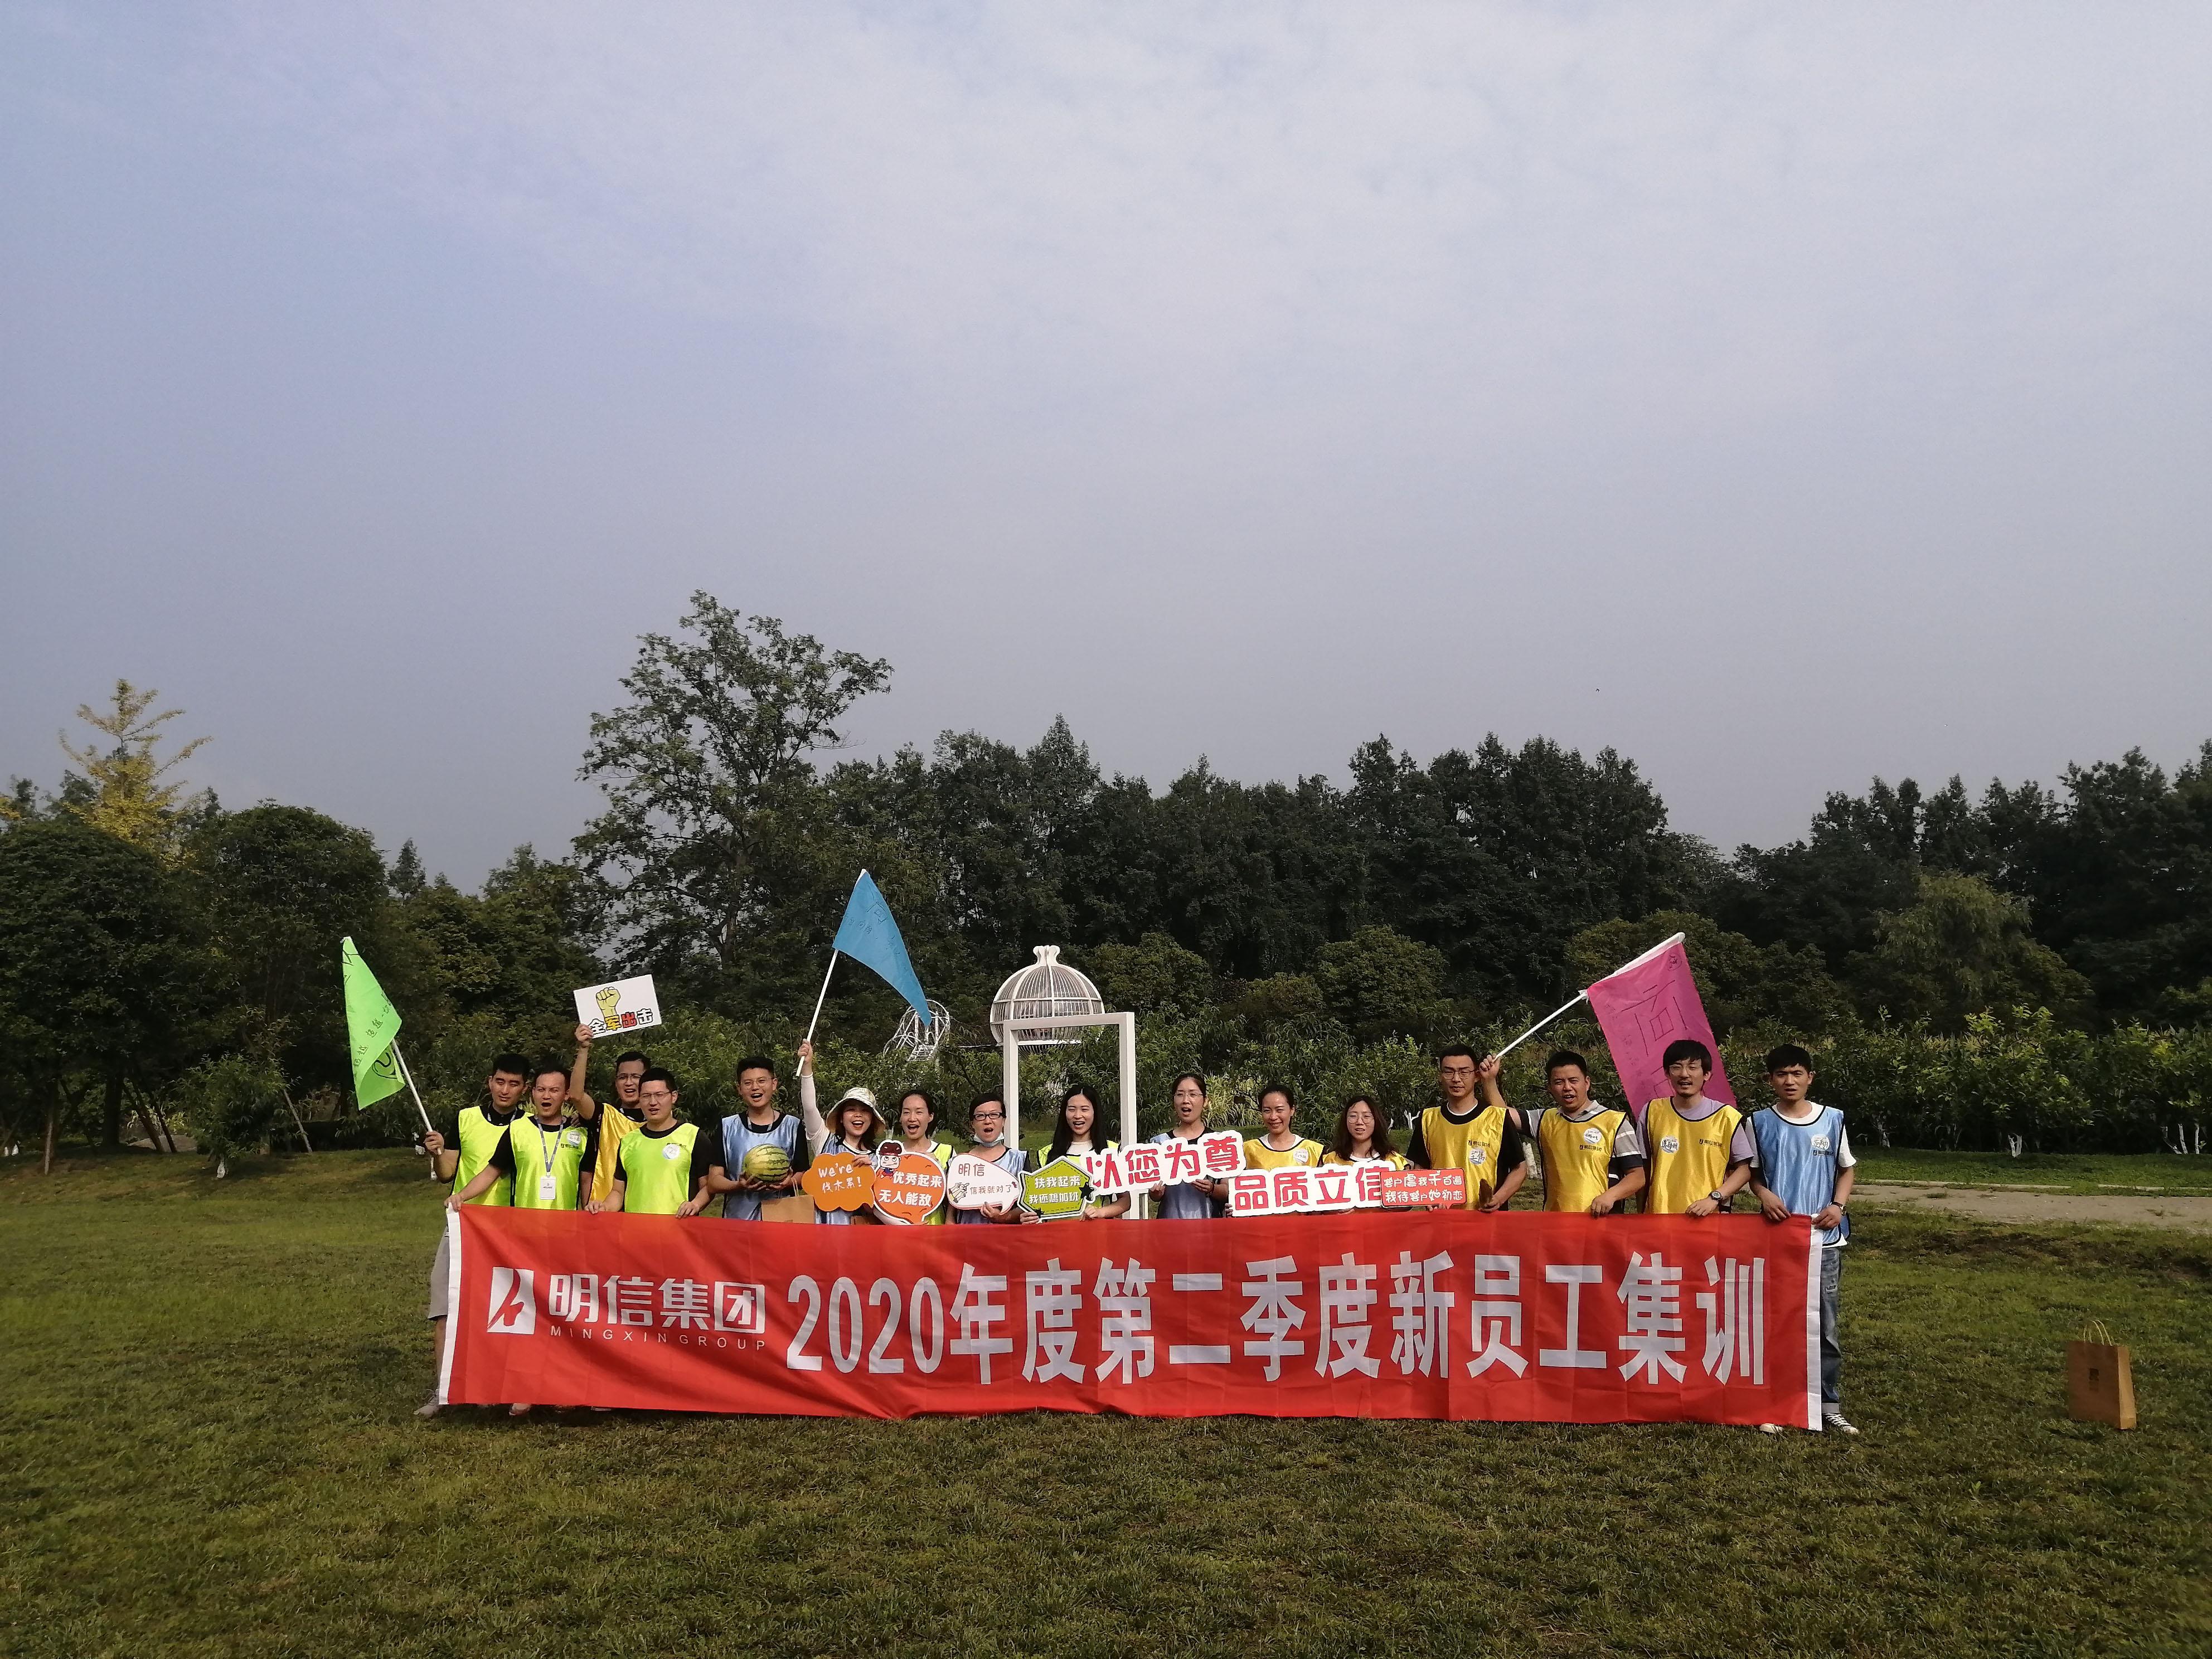 蜀乐檬2020企业拓展活动